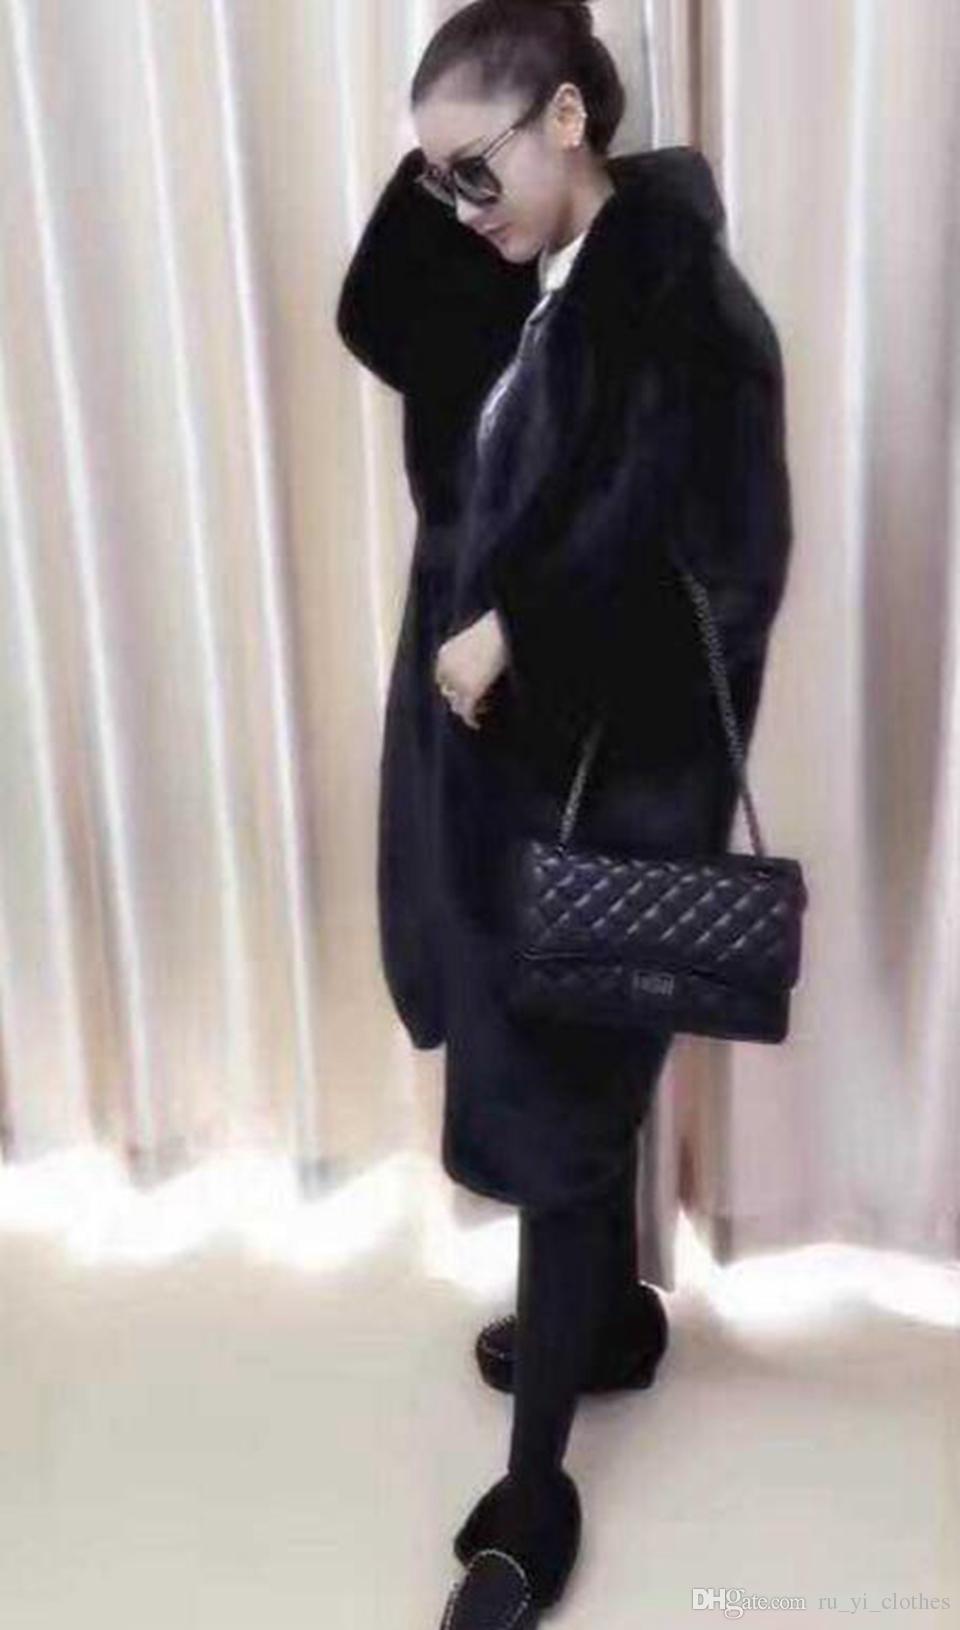 Invierno de las mujeres de Europa y de negocios de Corea del Inglés nueva tendencia del estilo de personalidad Boutique abrigo largo de piel de moda estadounidense / XS-3XL